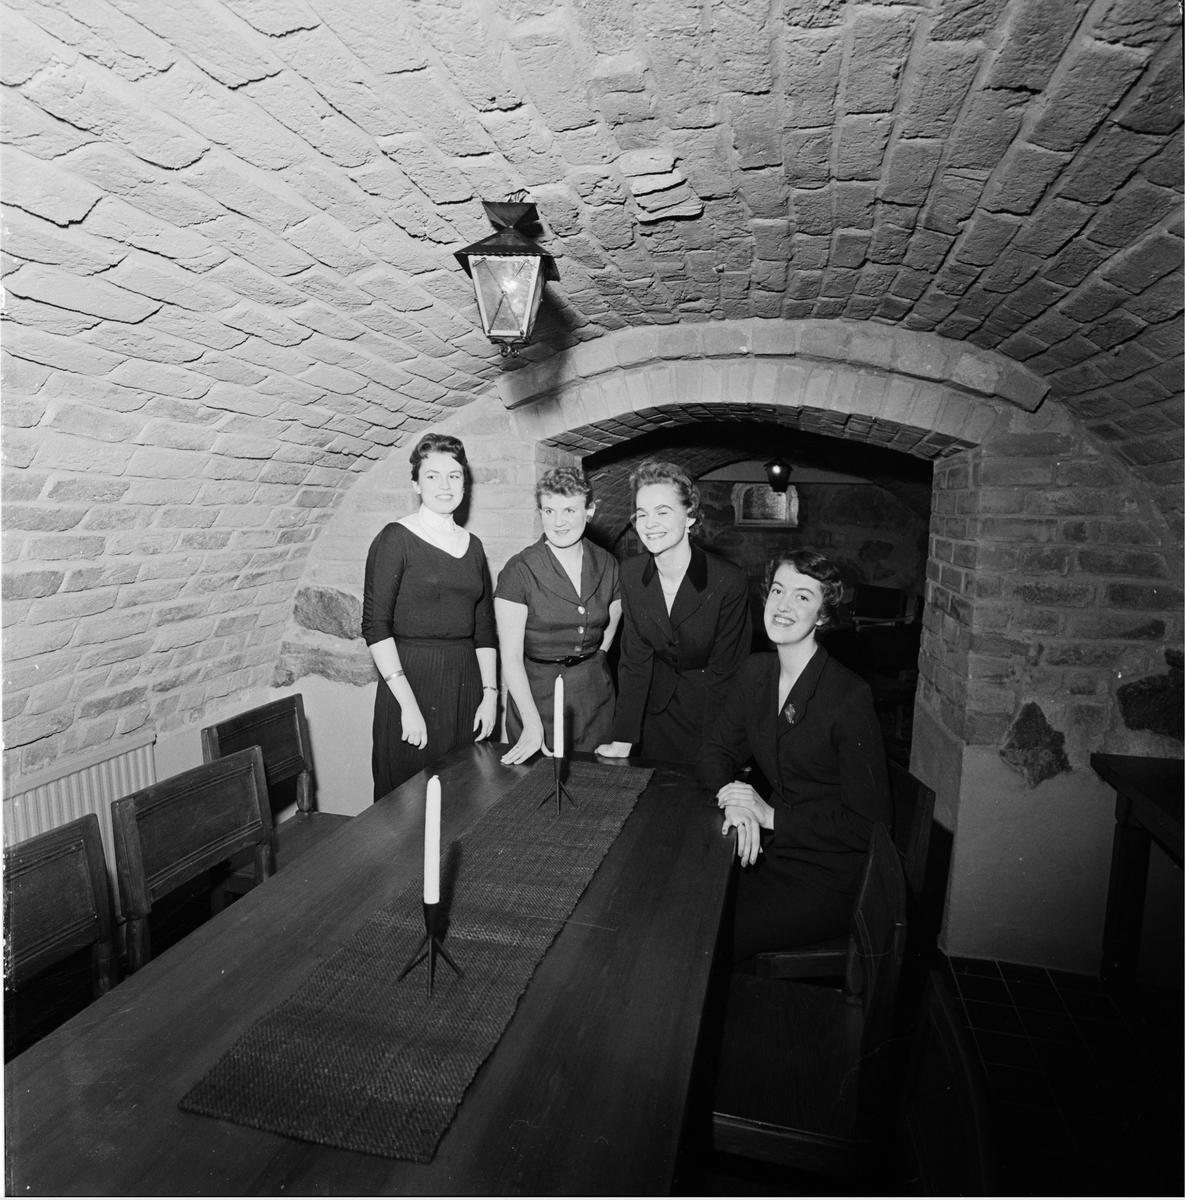 Västgöta nation - gillestuga, Uppsala februari 1957